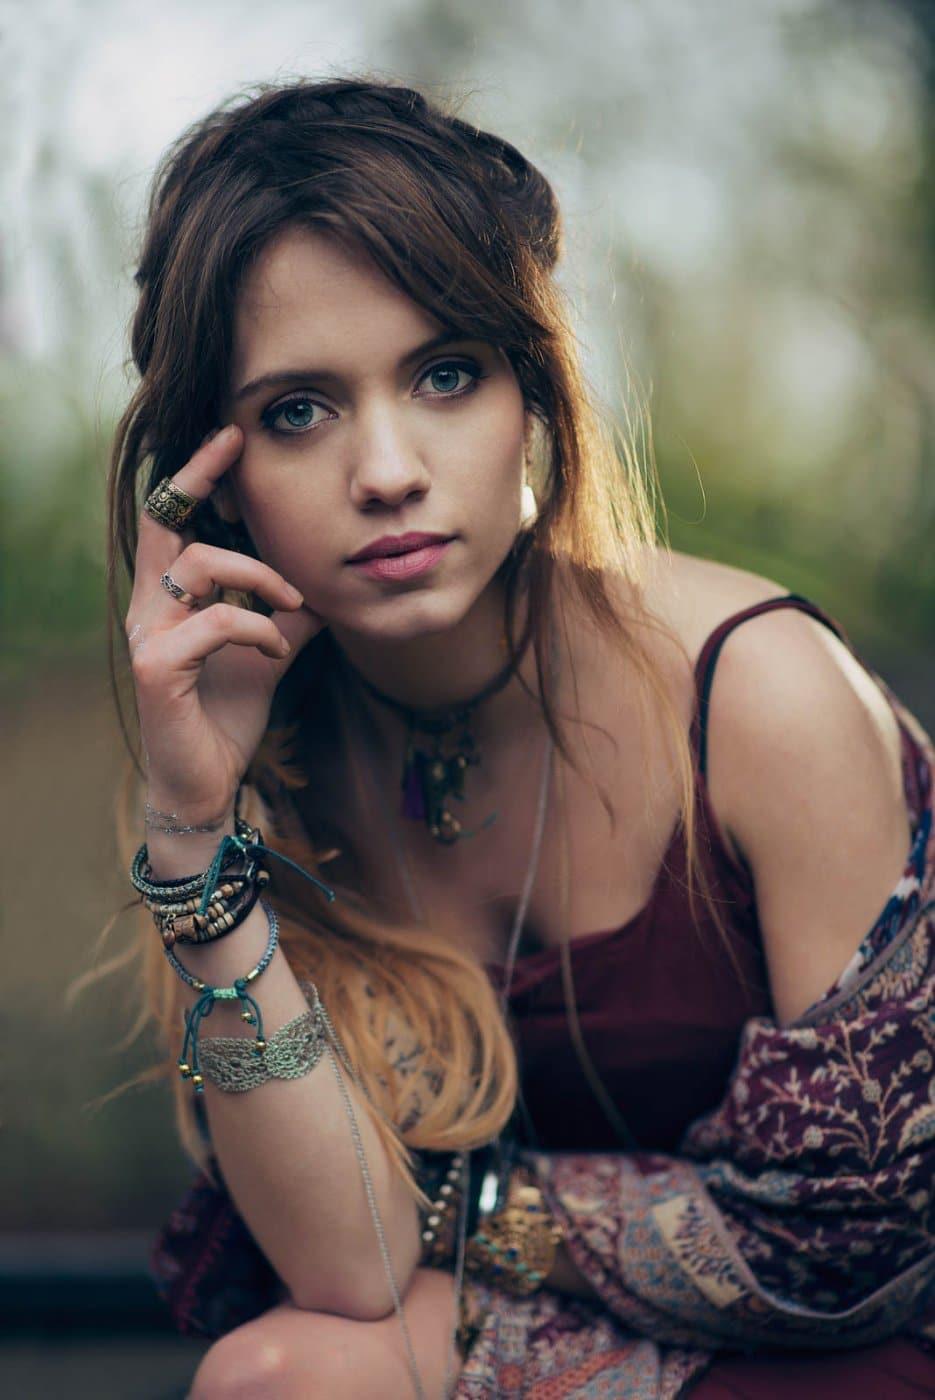 Portrait Photography By Anastasia Vervueren Boho Gypsy